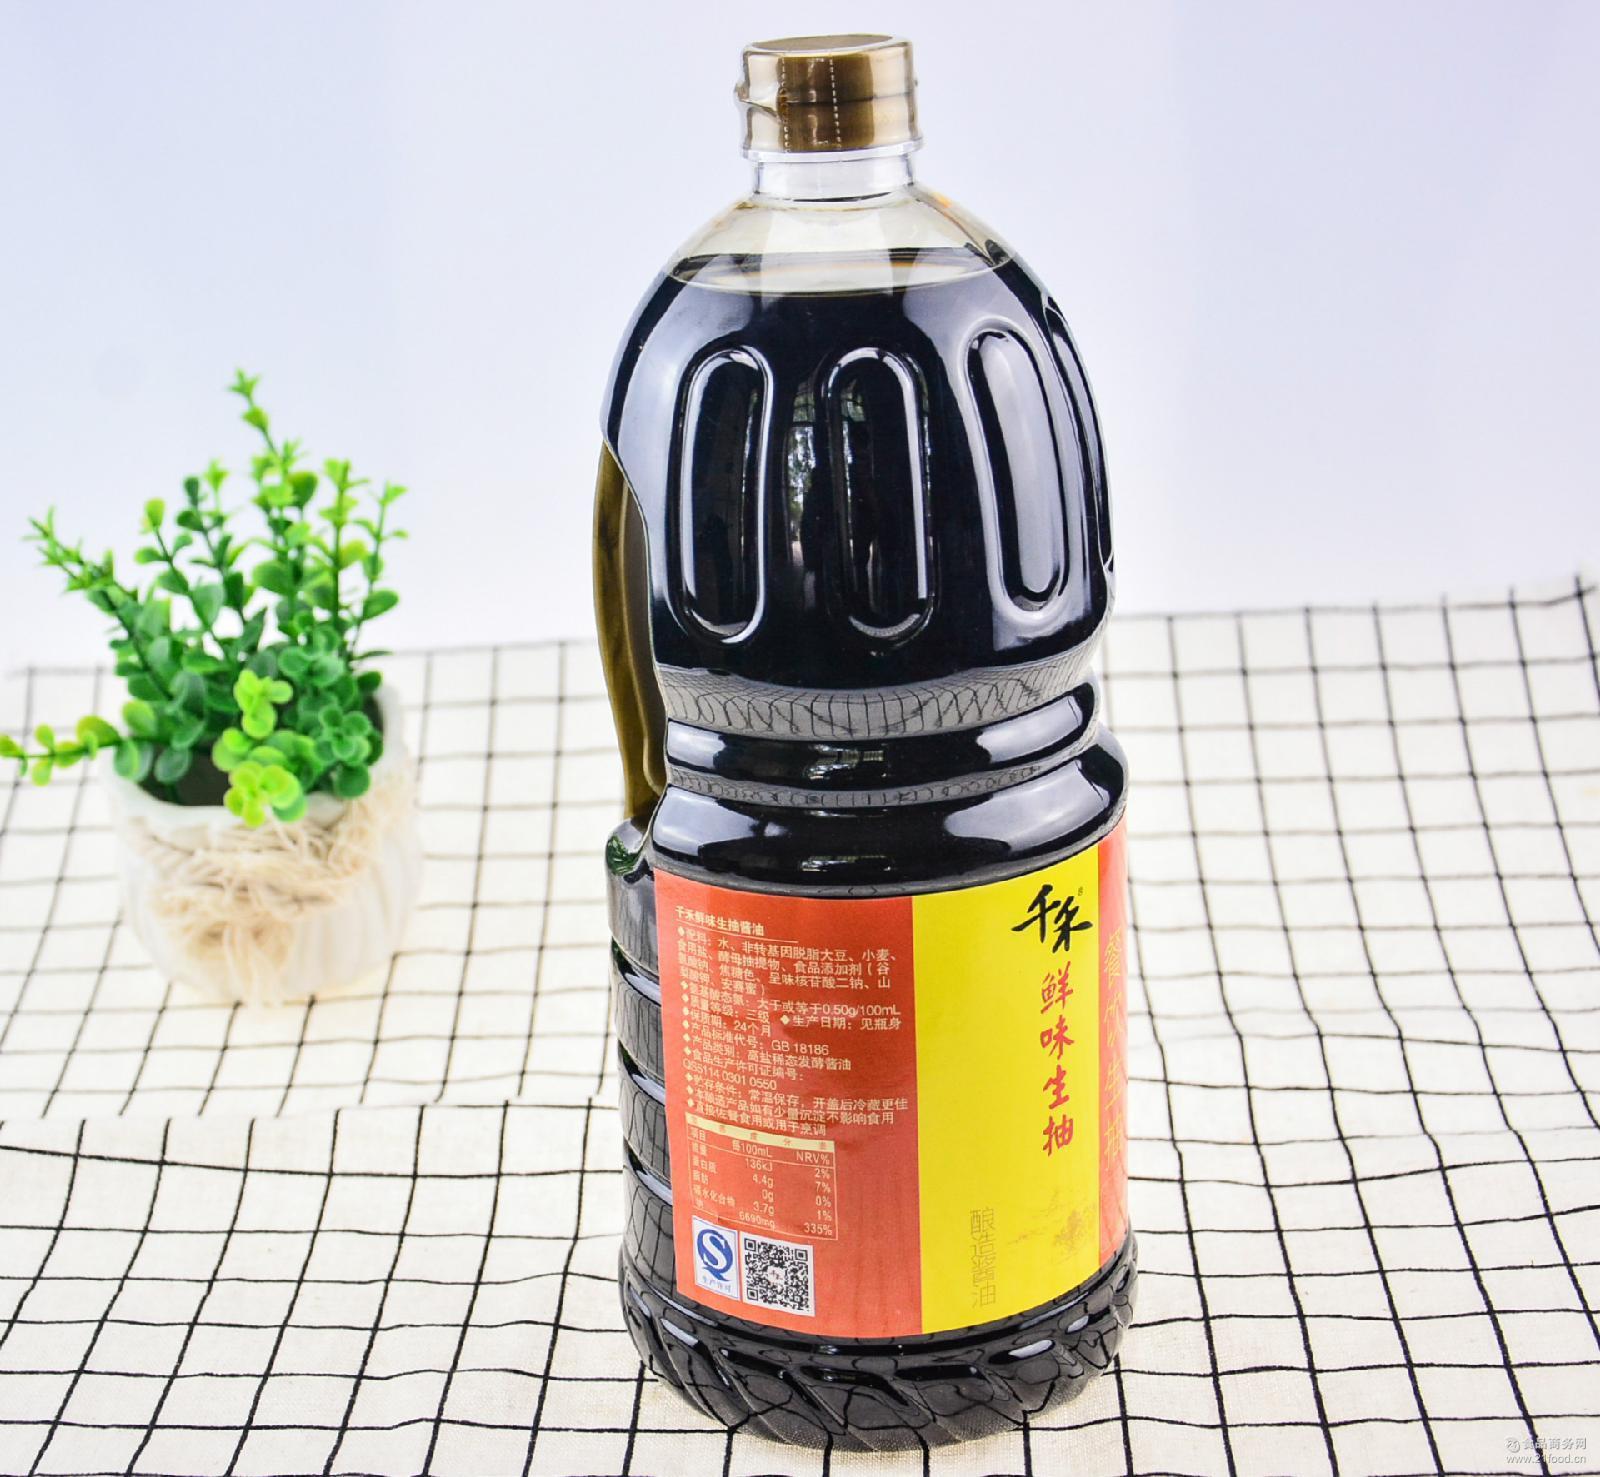 厂家直销千和鲜味生抽1.8l酿造酱油海鲜炒菜调味品现货代理批发